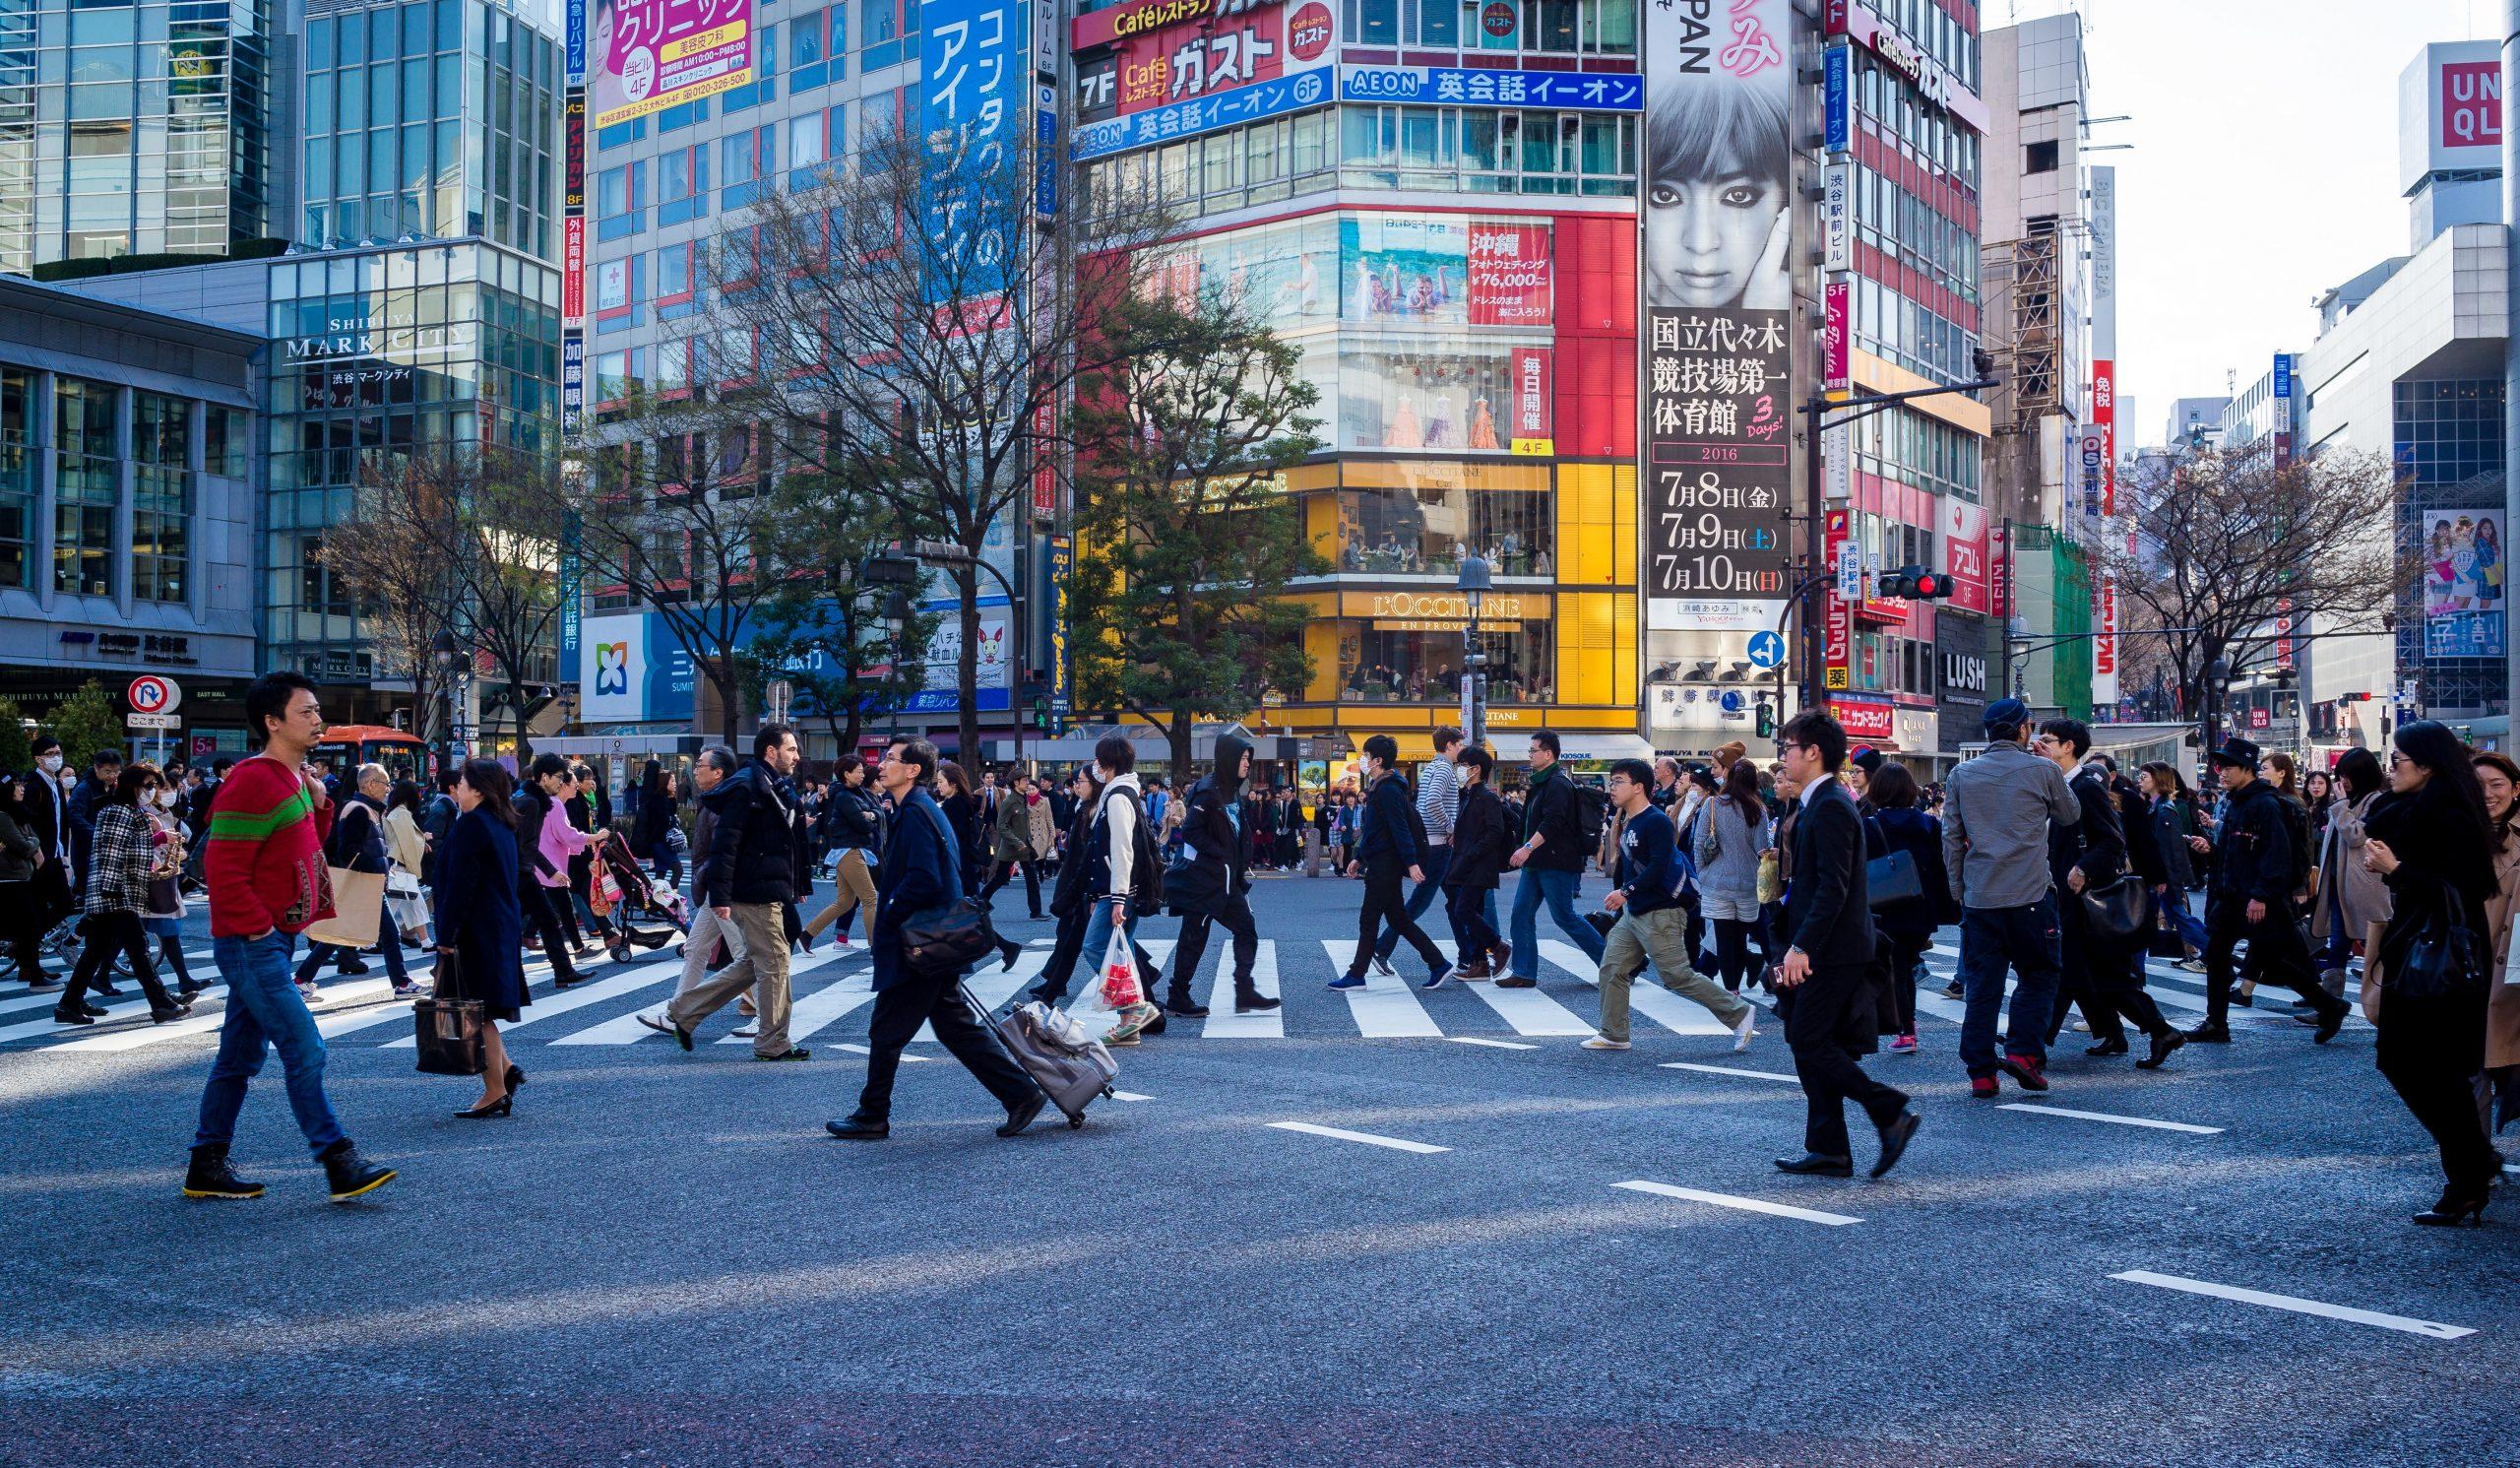 도로 횡단보도 길거리 도시 교통 사람 인구